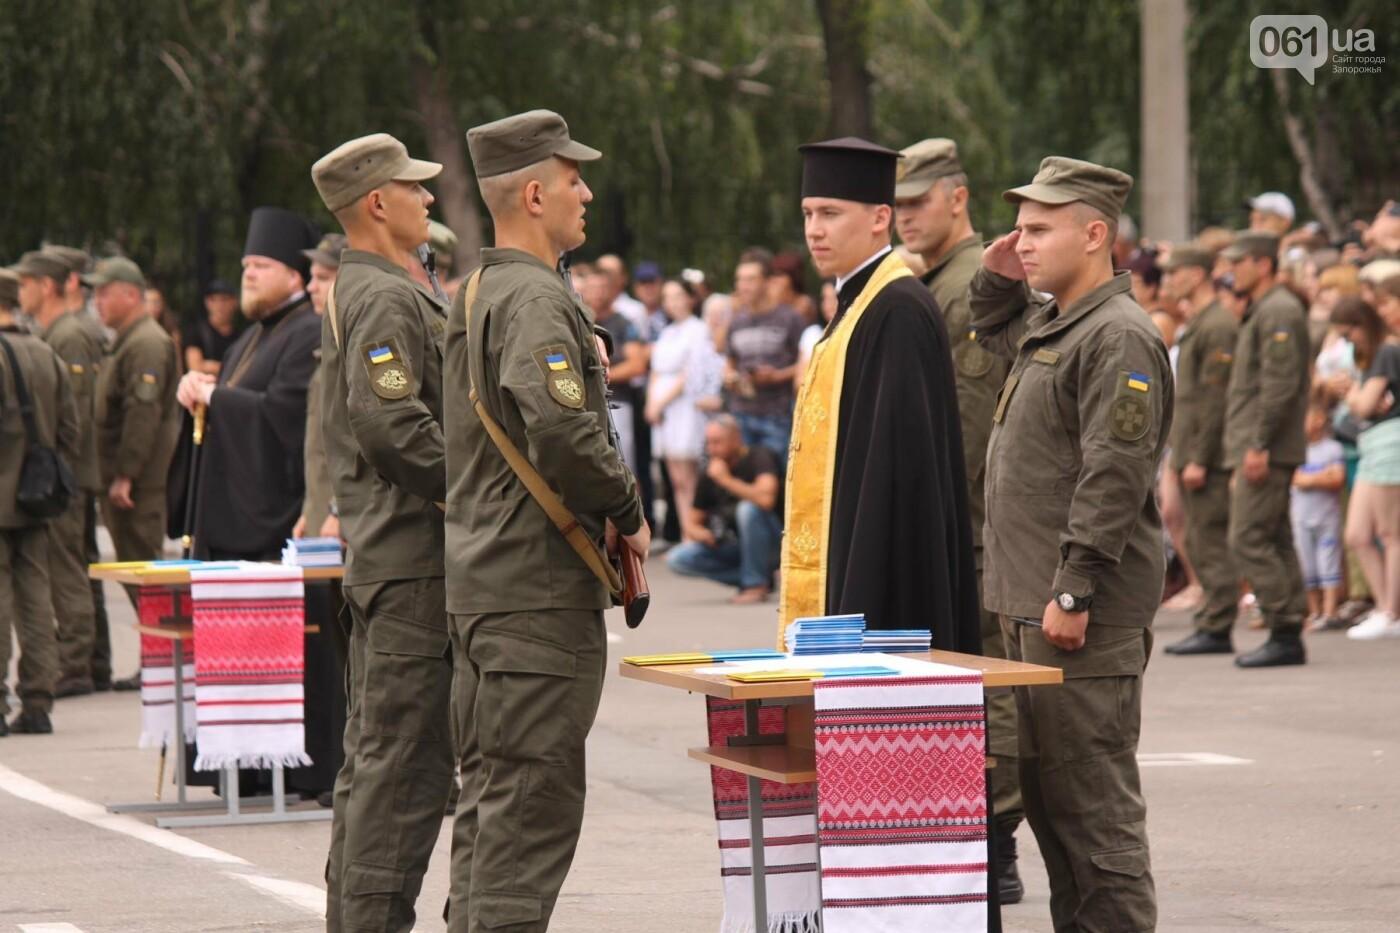 В Запорожье новобранцы Нацгвардии приняли присягу на верность Украине, – ФОТОРЕПОРТАЖ, фото-15